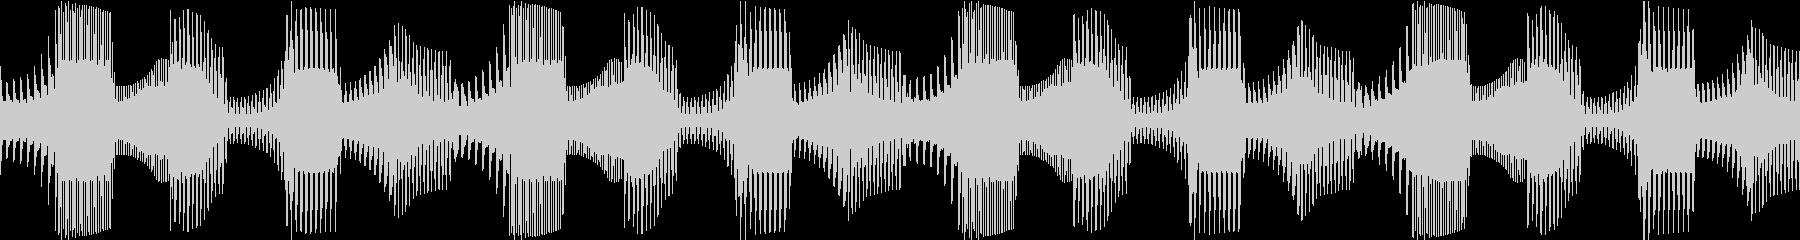 Techno ベース 5 音楽制作用の未再生の波形